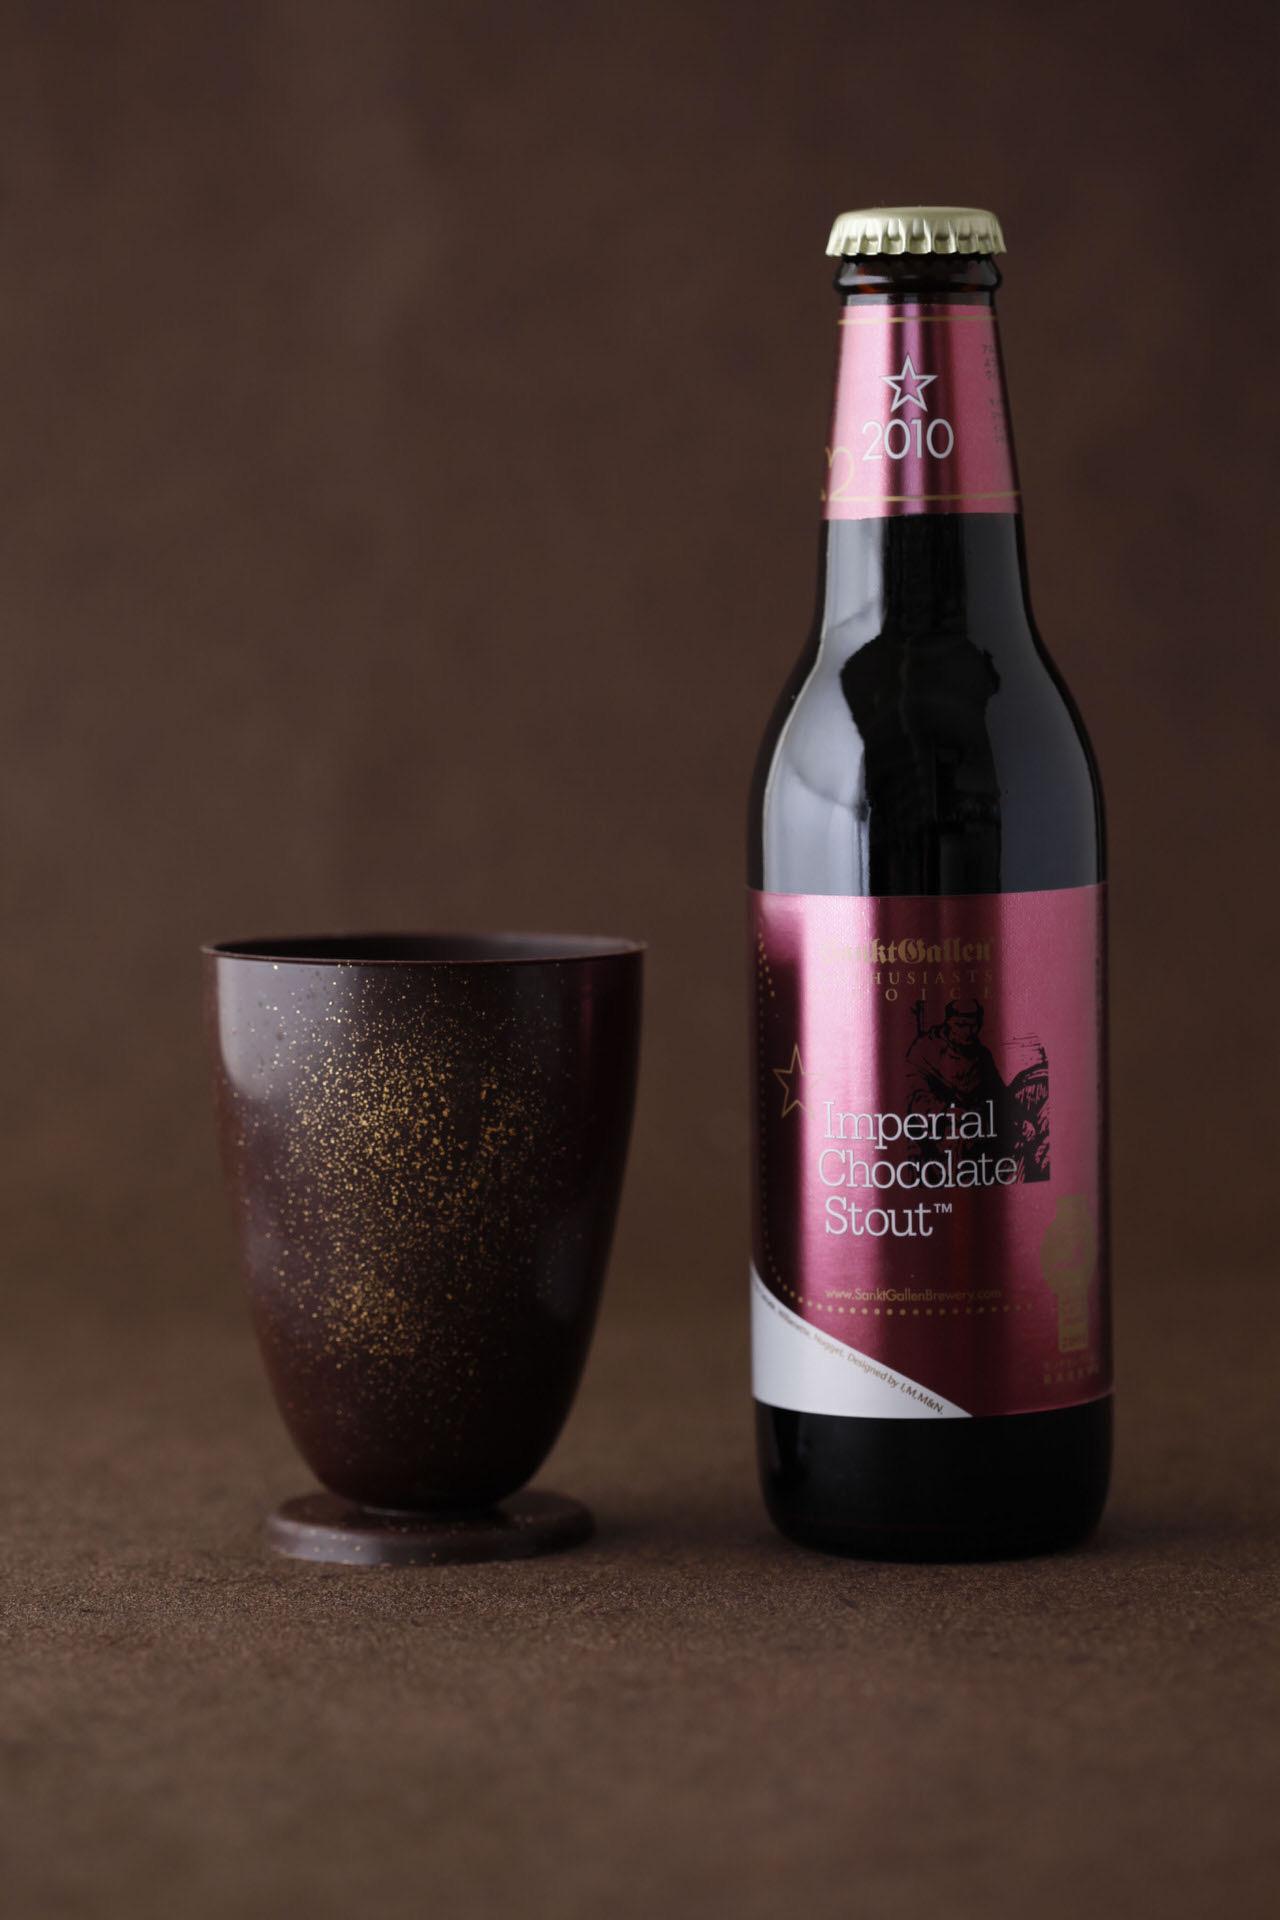 【サンクトガーレン】チョコレート風味のビール「インペリアルチョコレートスタウト」とチョコレート製の食用グラスのセットを限定発売(2/1から)